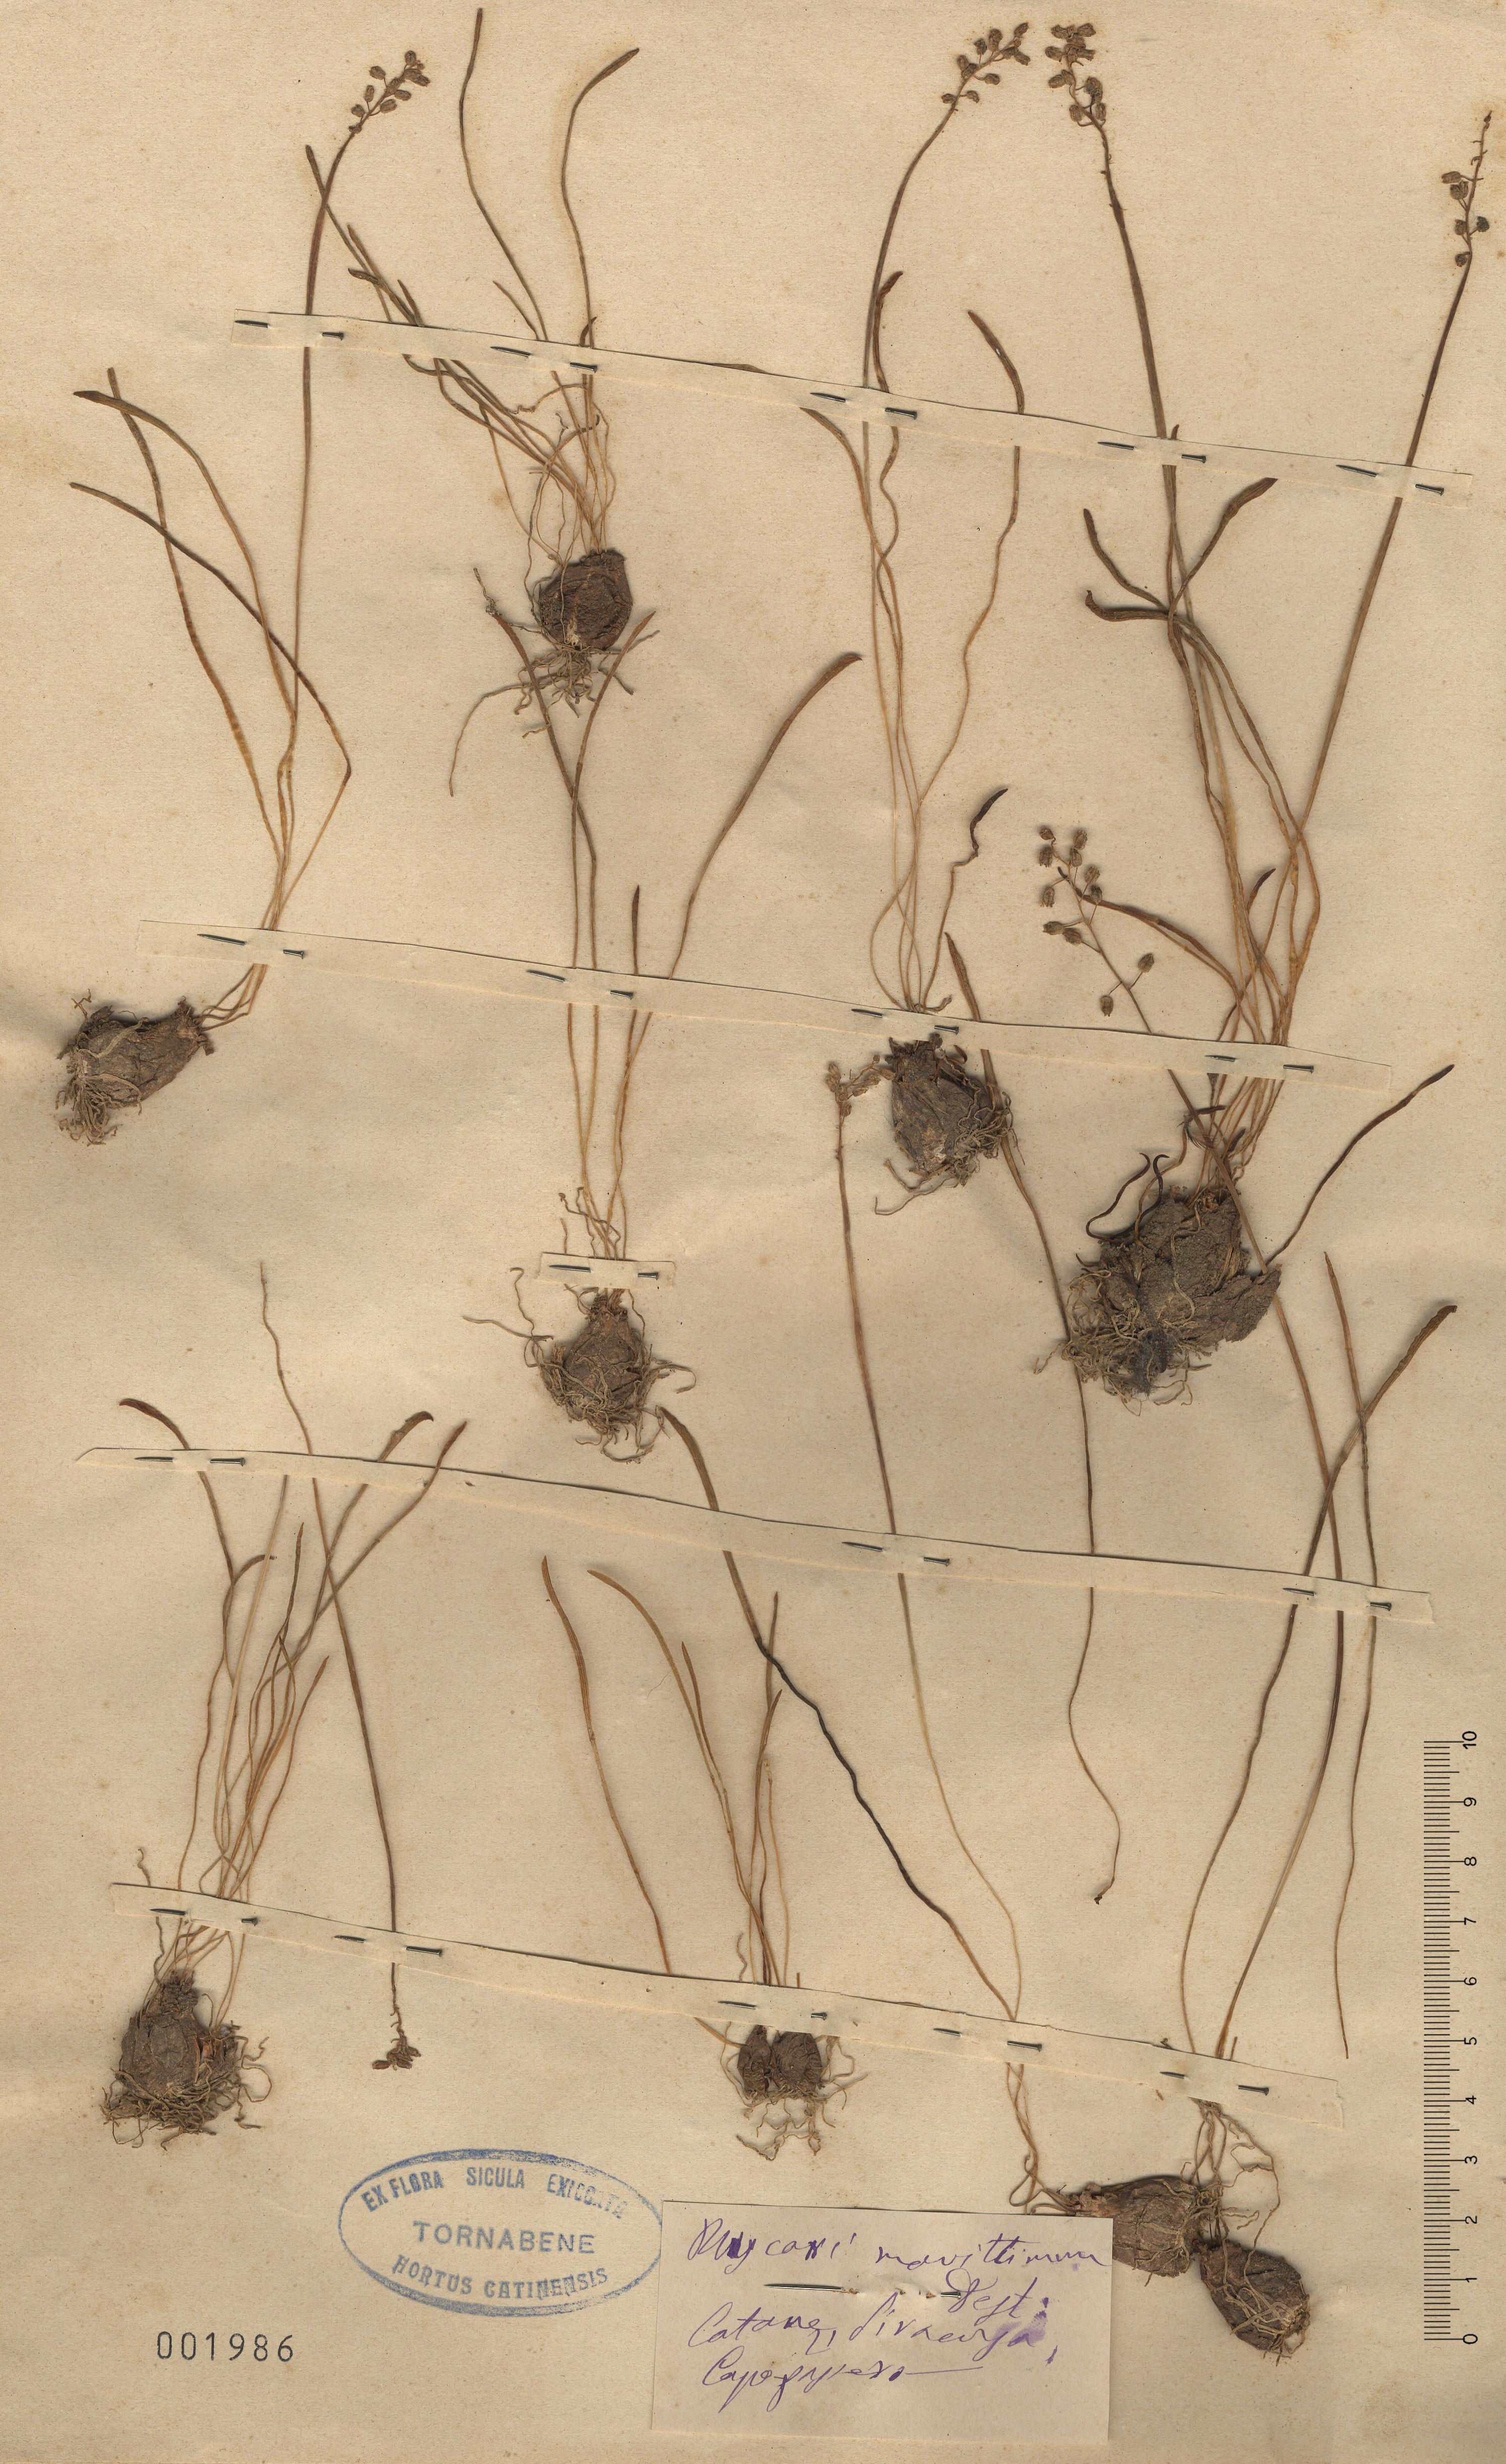 &copy; Hortus Botanicus Catinensis - Herb. sheet 001986<br>